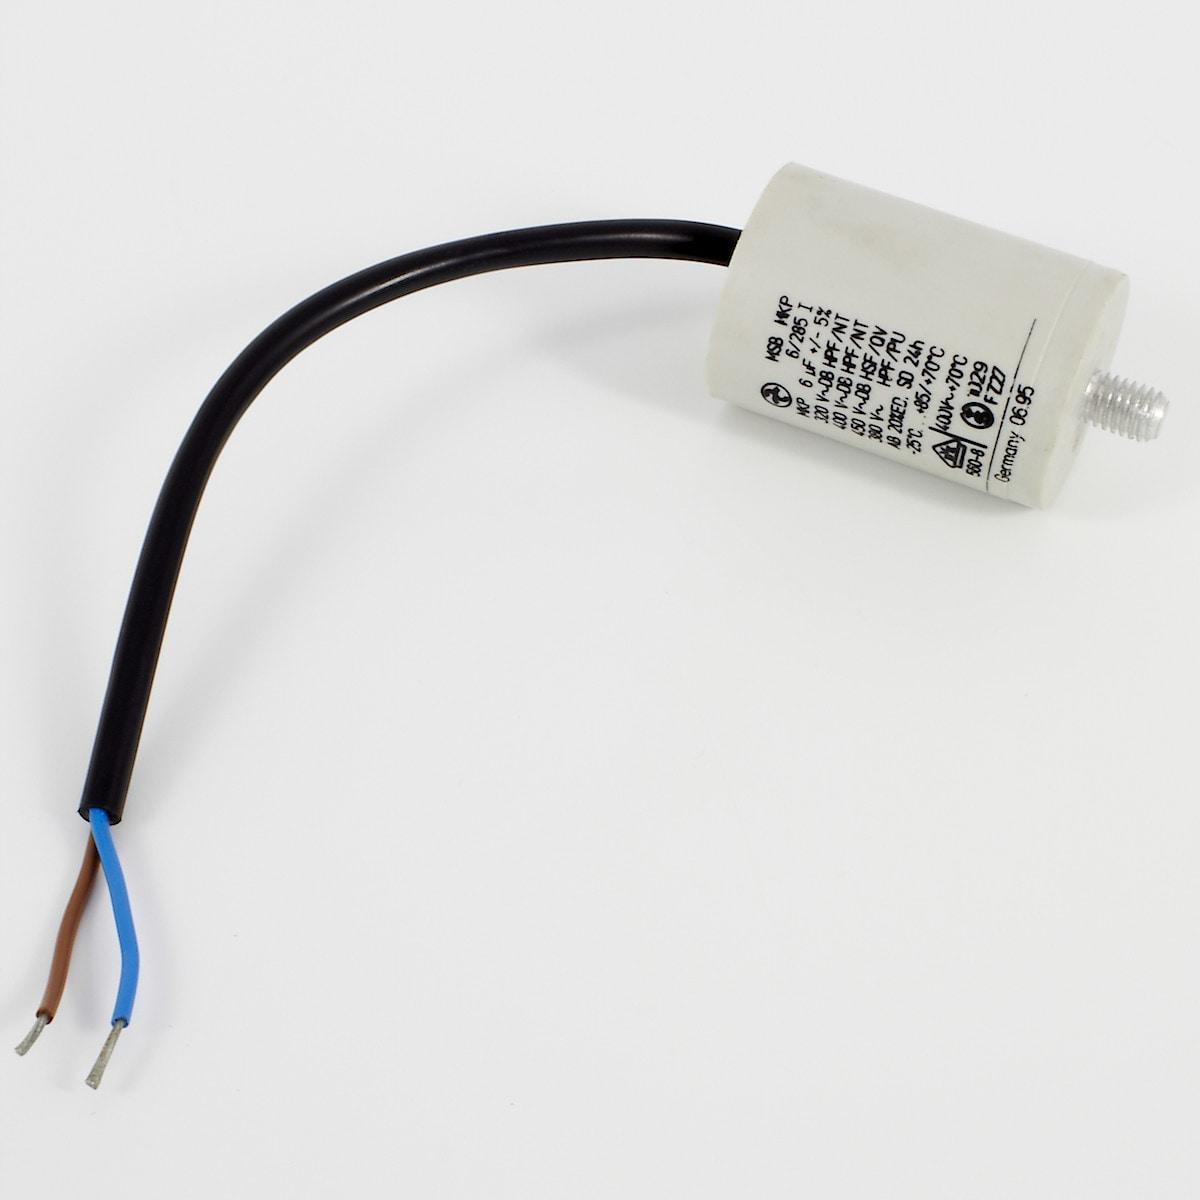 Kondensator 6 µF